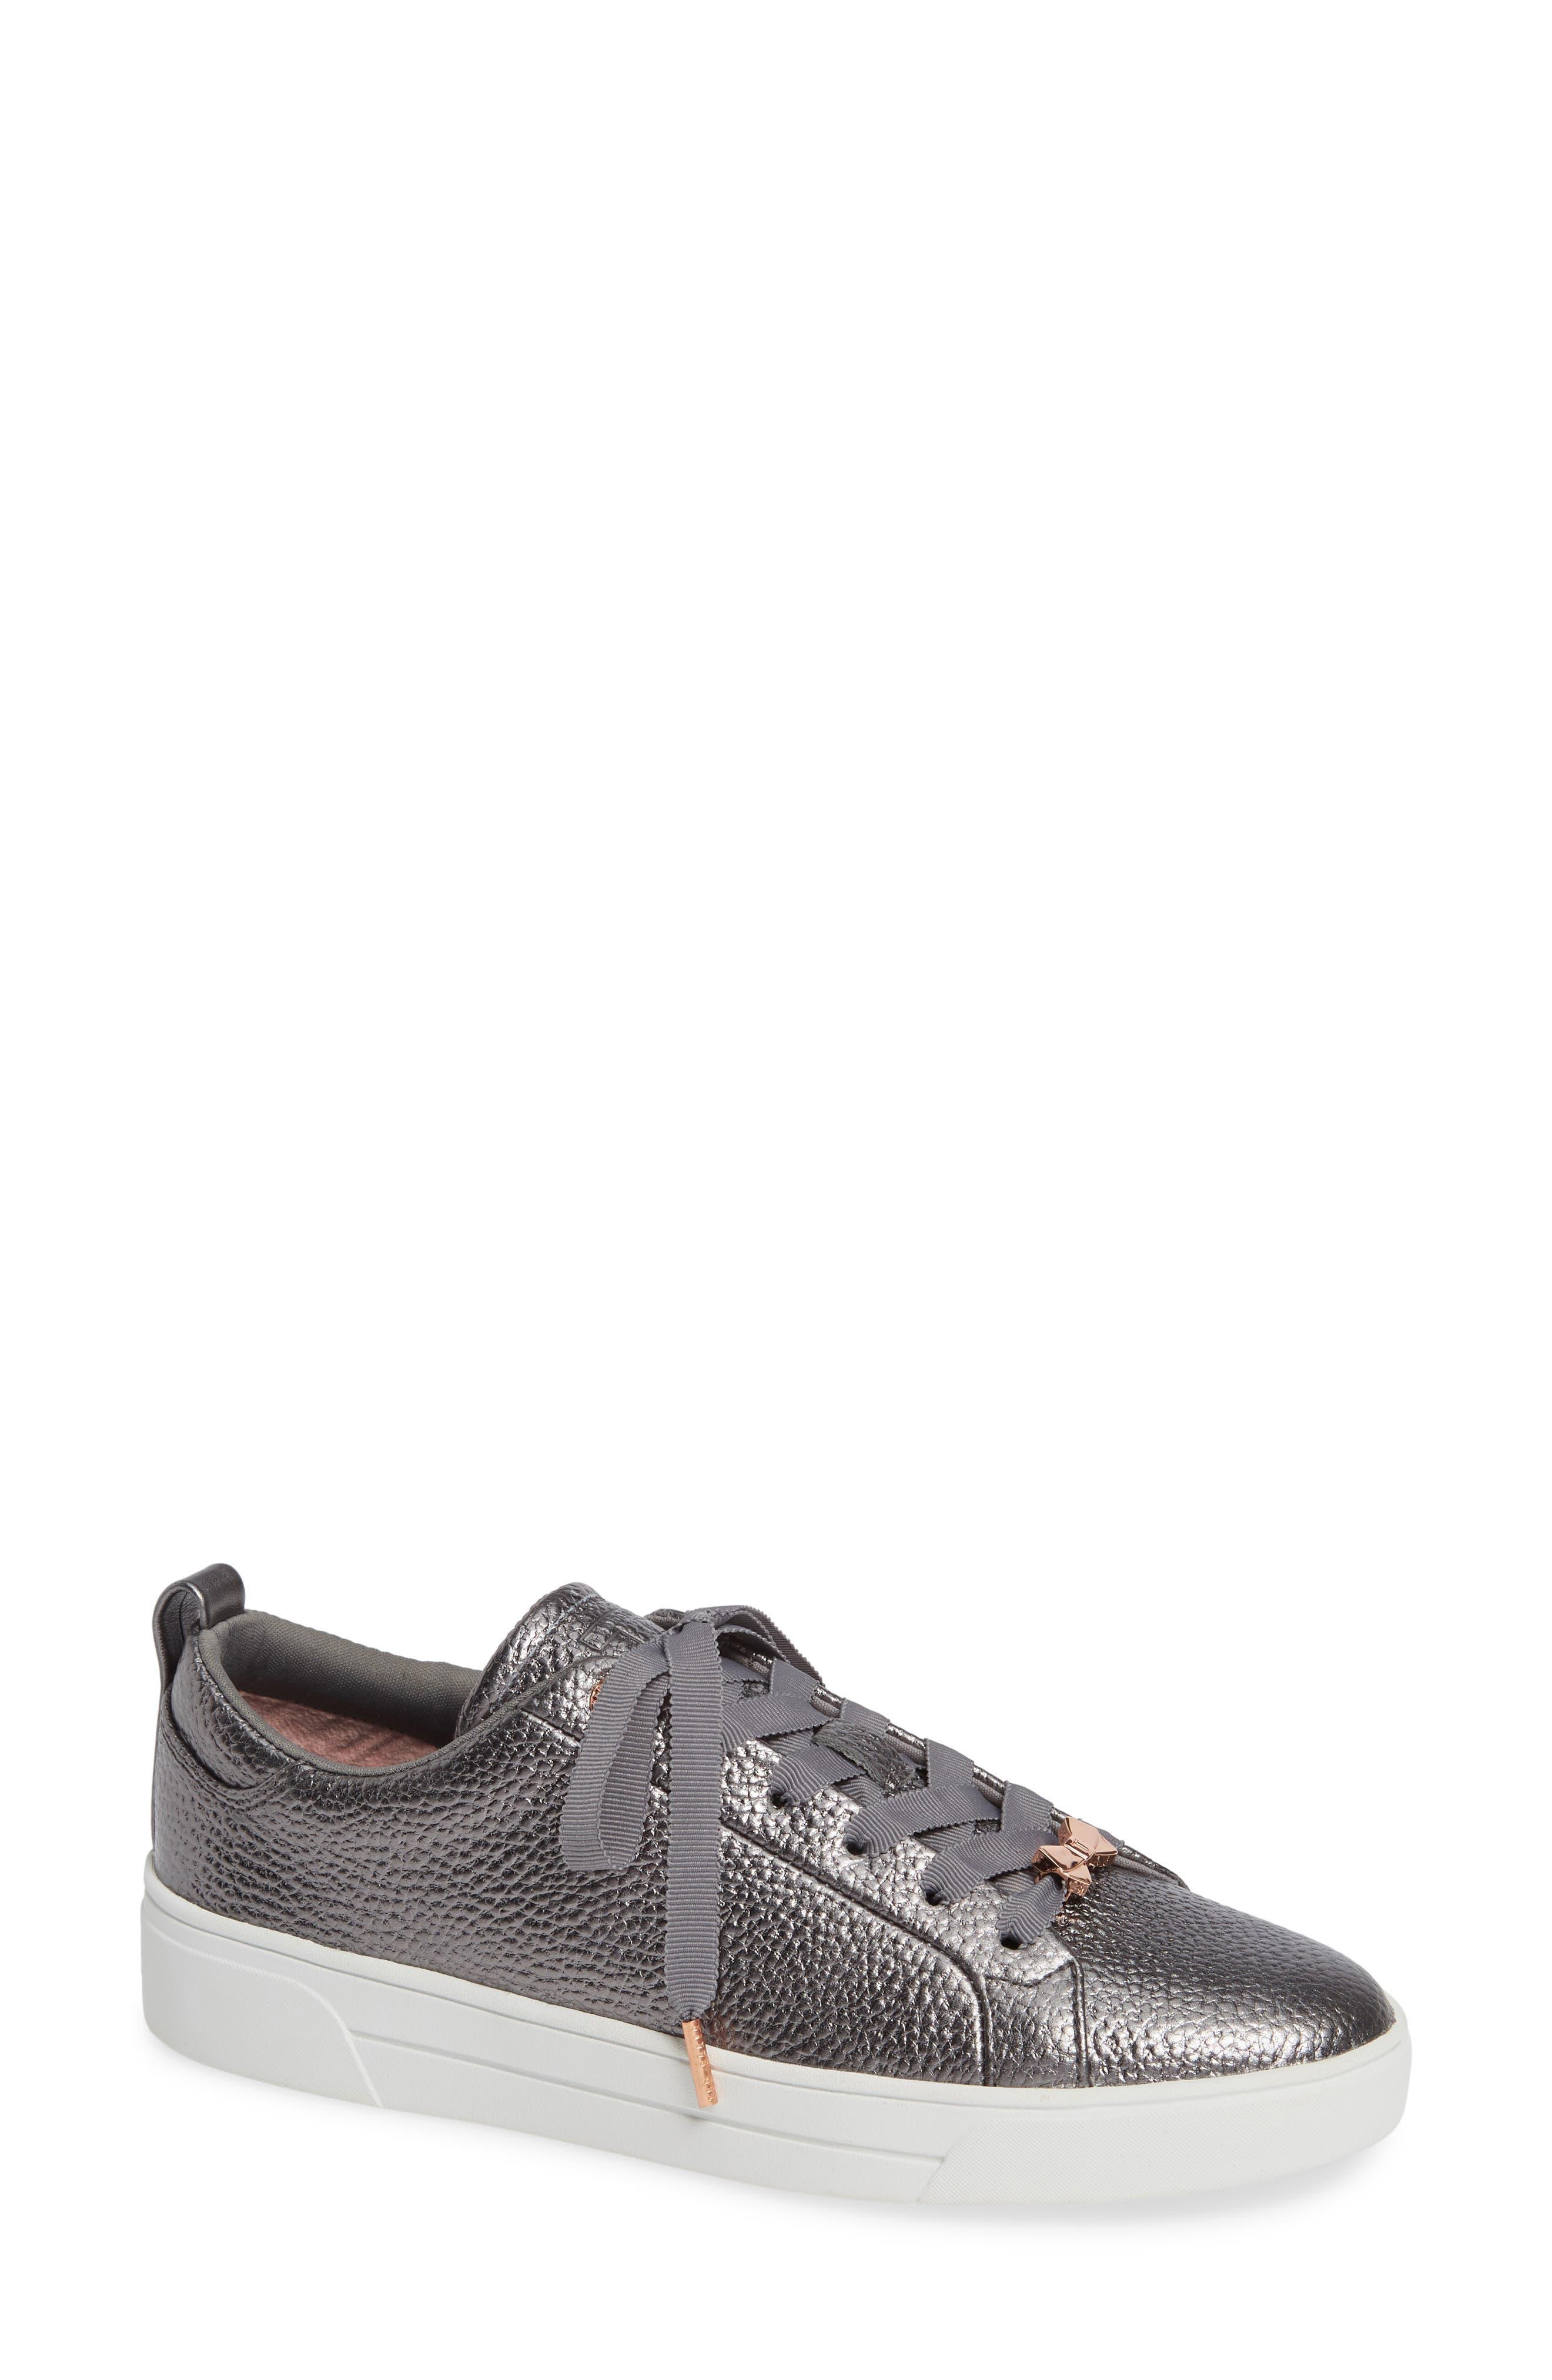 Ted Baker London Elzsee Sneaker, Grey